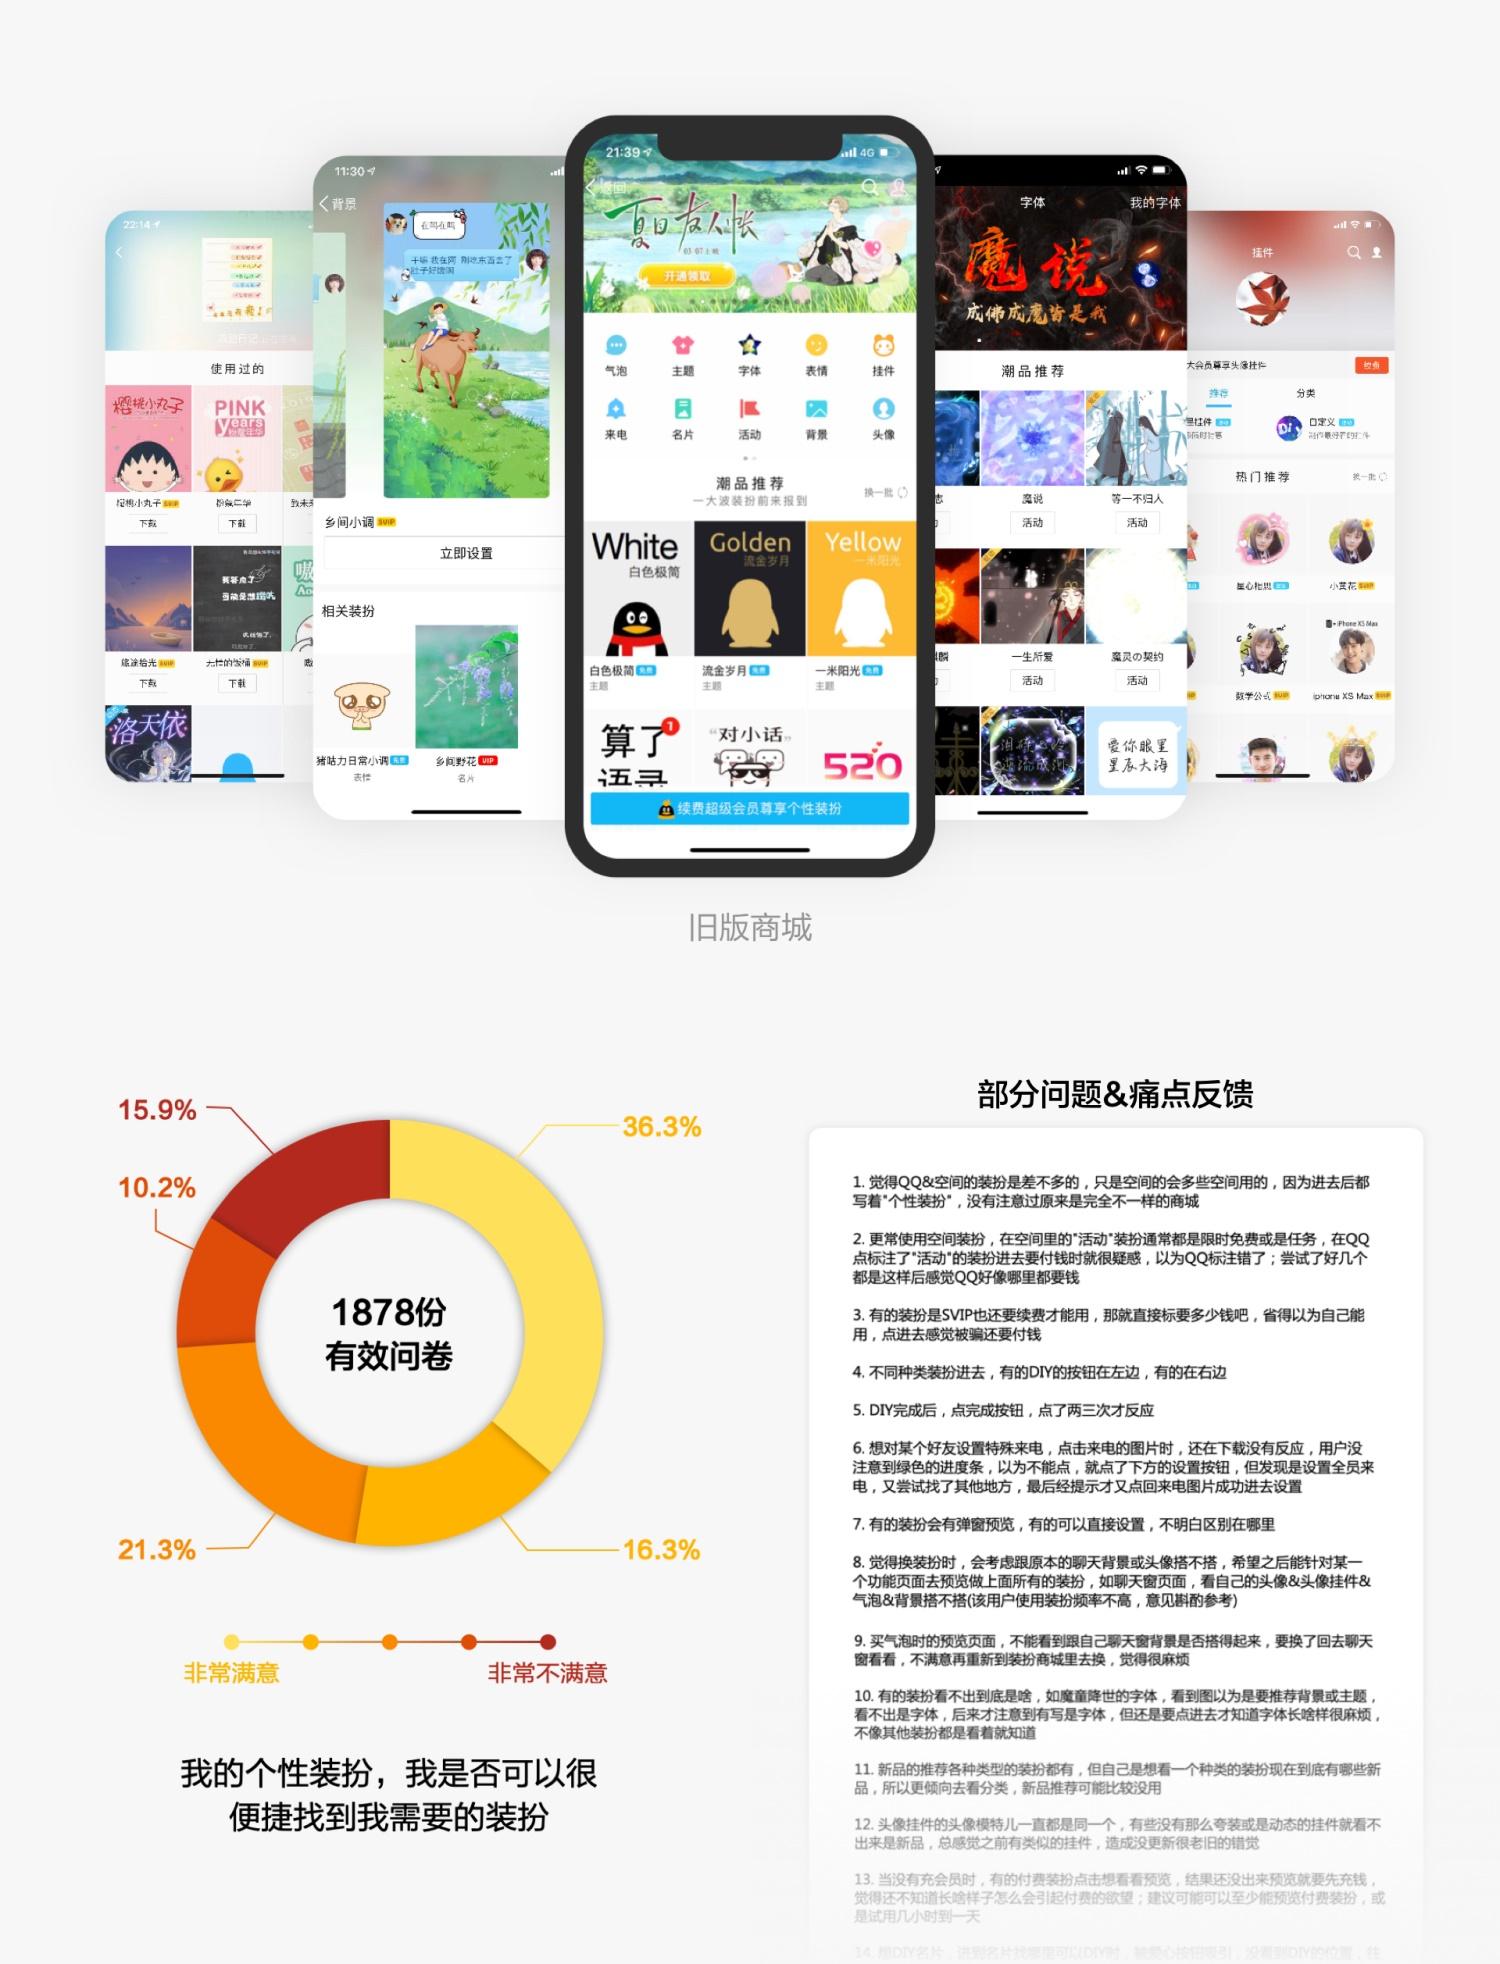 7亿多用户的QQ个性化商城,是如何做改版设计的